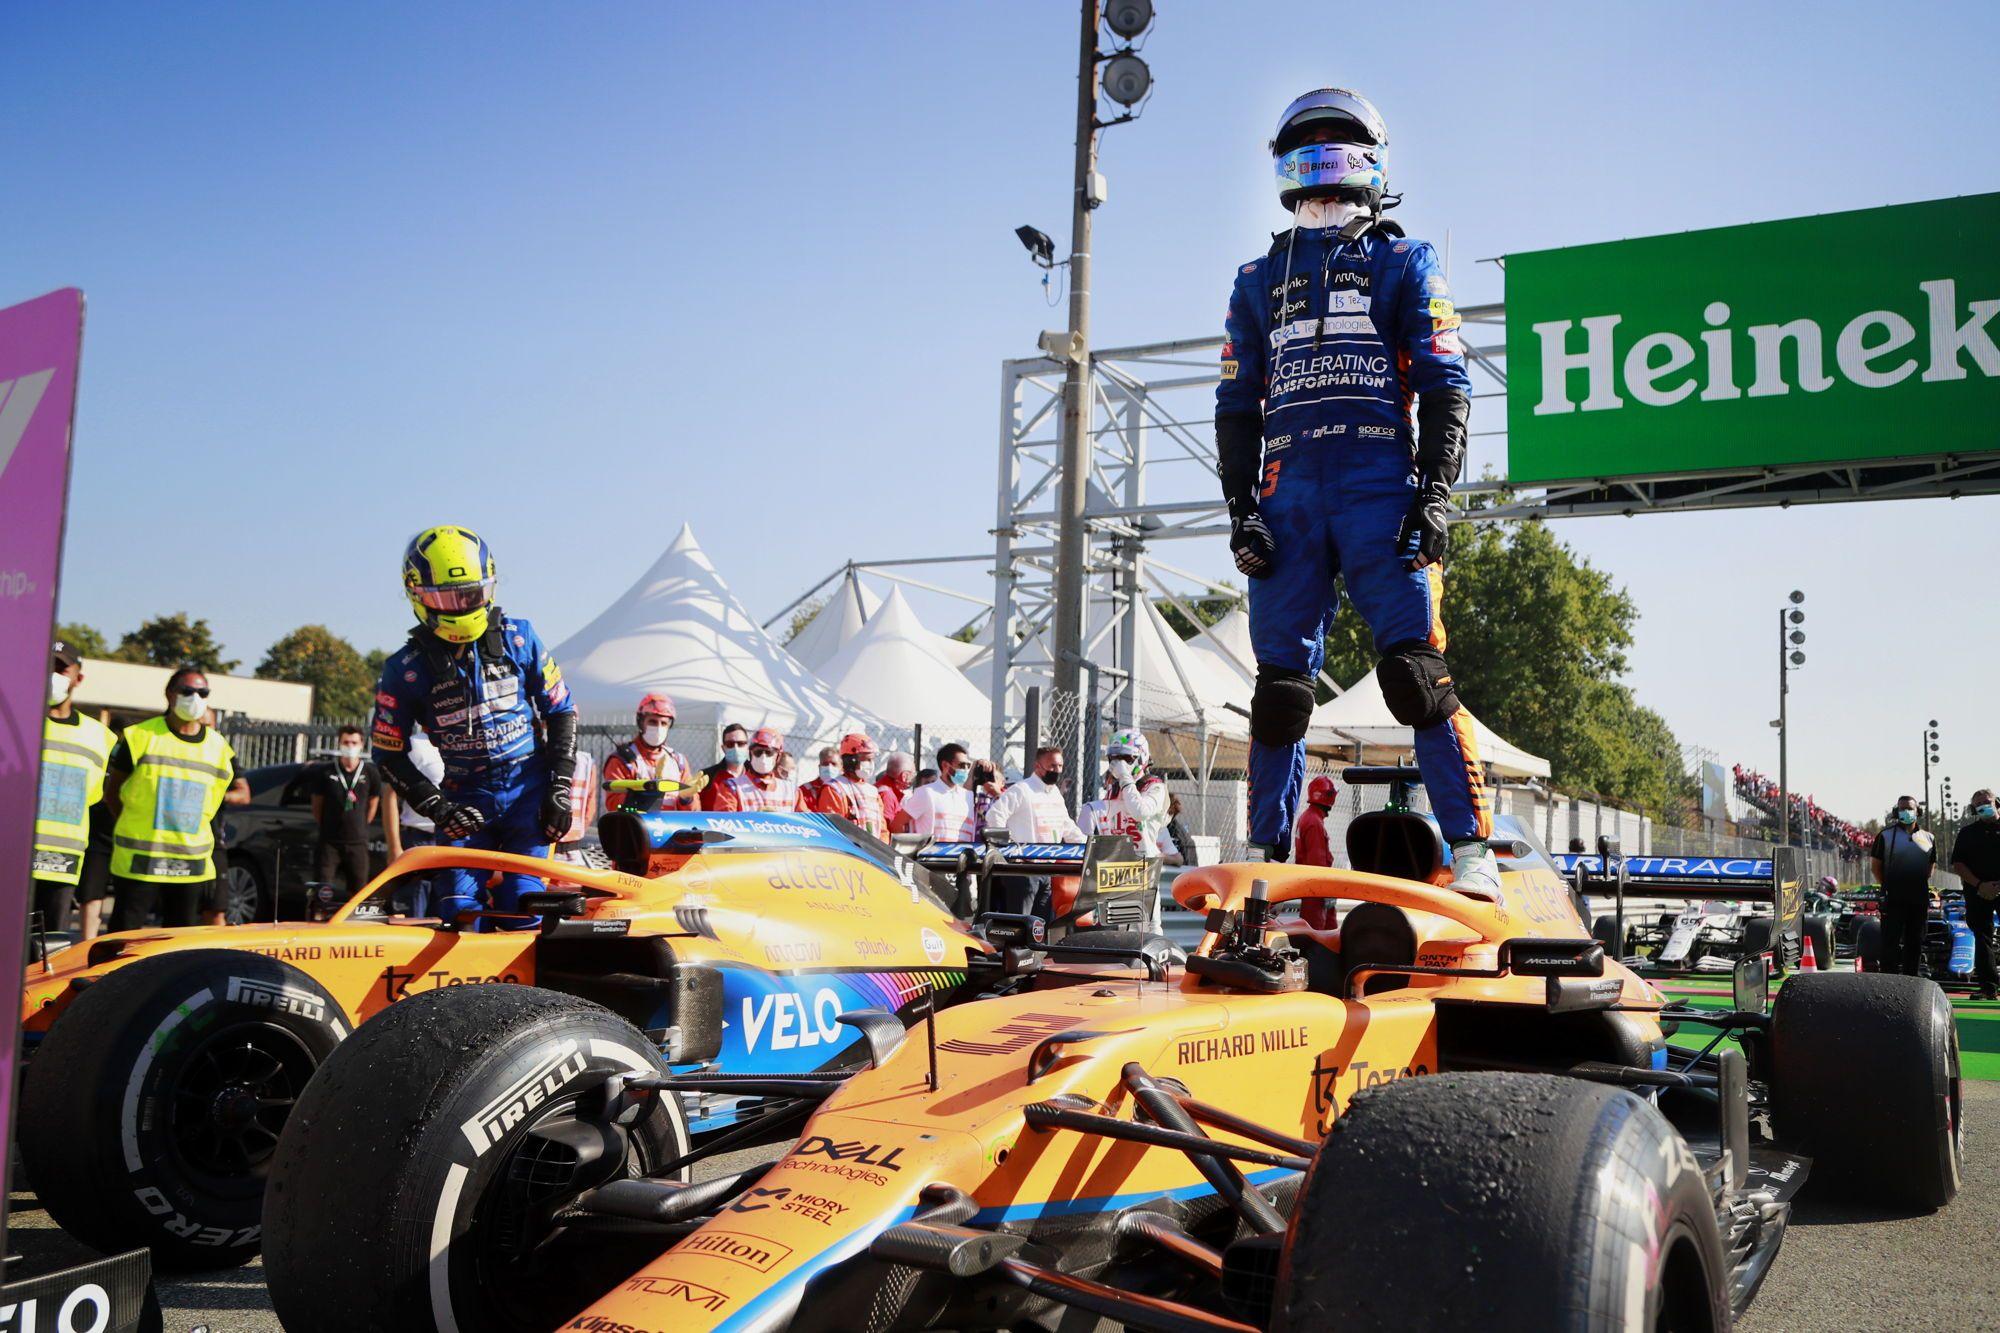 Kodėl L. Norrisas neatakavo D. Ricciardo?